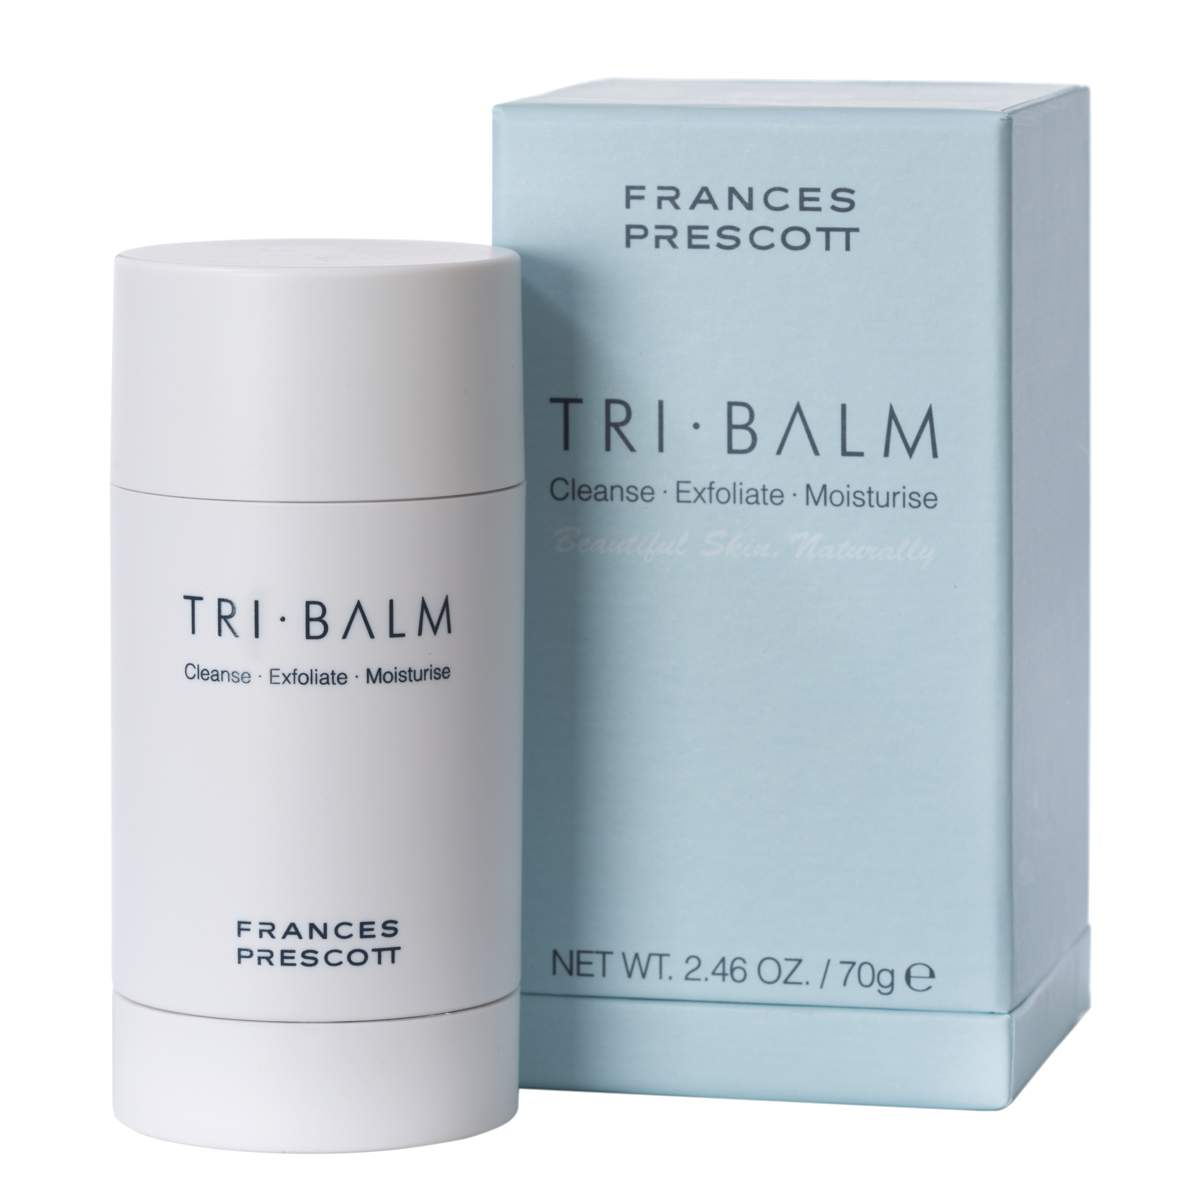 Tri Balm with box